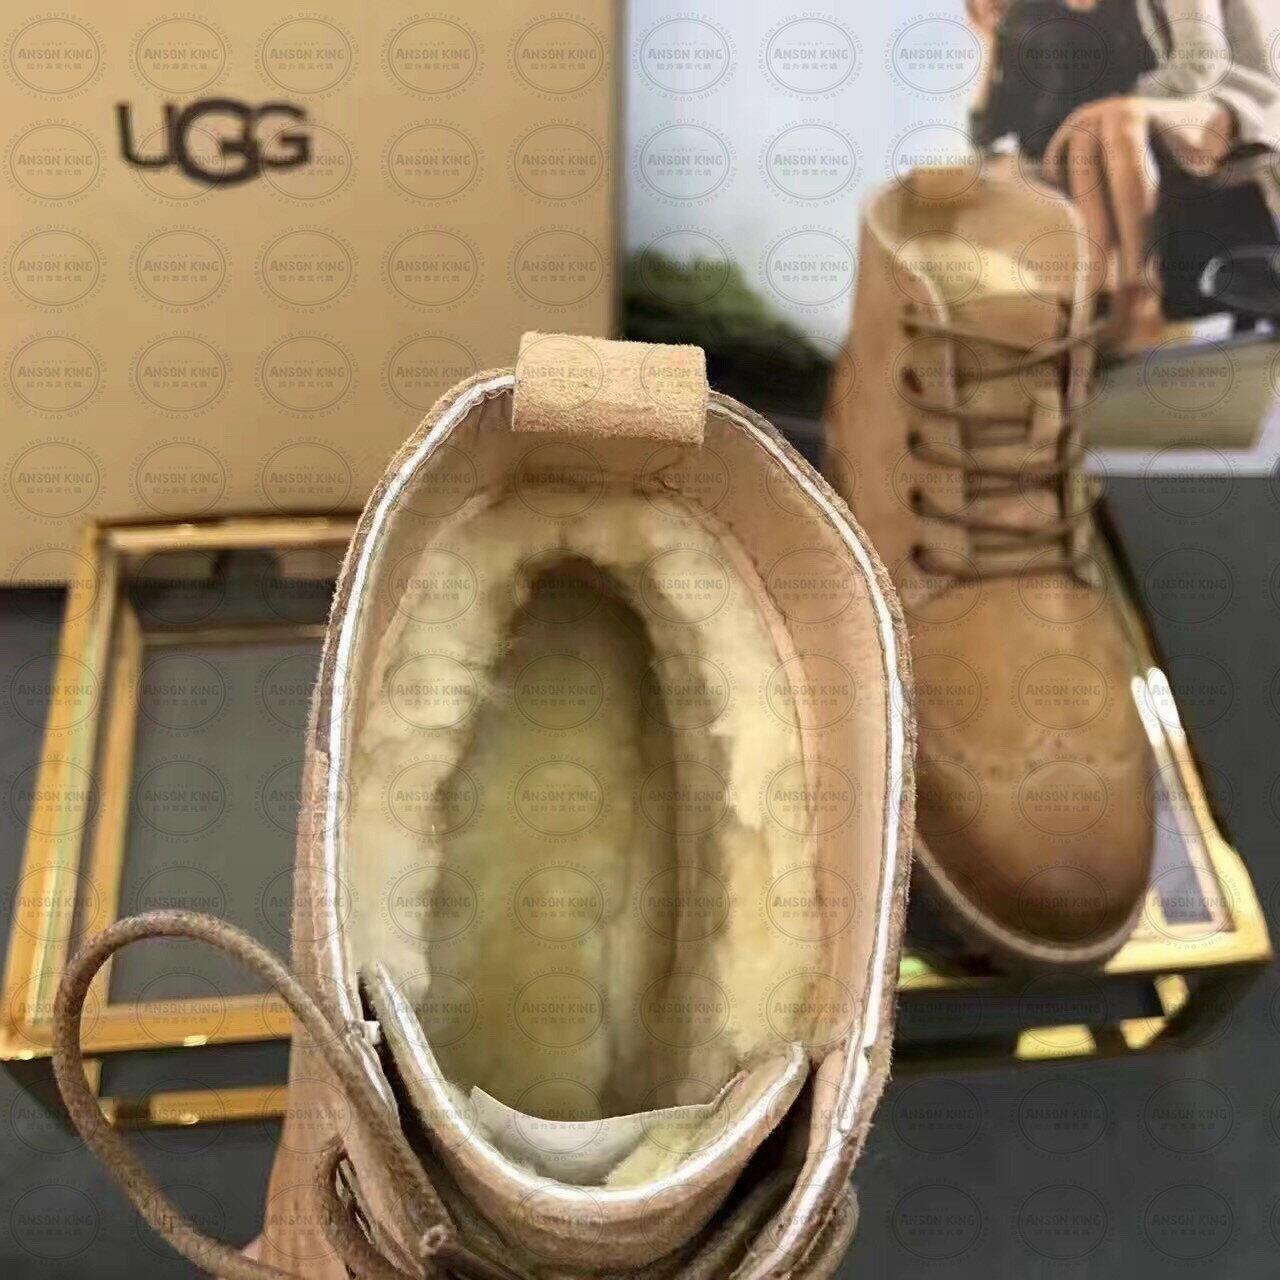 OUTLET正品代購 澳洲 UGG 女款加厚磨砂面 馬汀靴 中長靴 保暖 真皮羊皮毛 雪靴 短靴 駝色 4